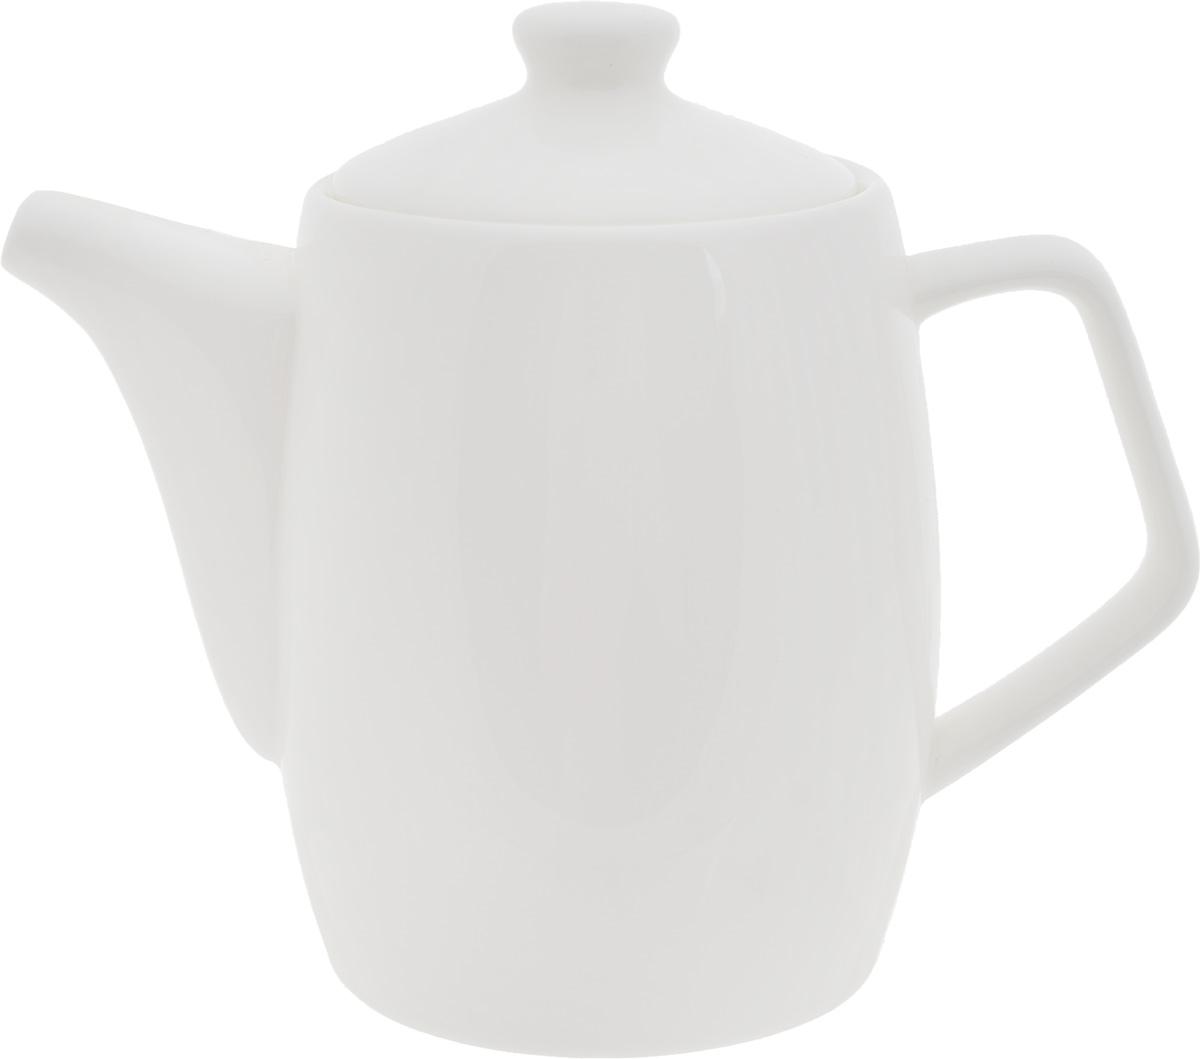 Чайник заварочный Wilmax, 1 л68/5/3Заварочный чайник Wilmax изготовлен из высококачественного фарфора. Глазурованное покрытие обеспечивает легкую очистку. Изделие прекрасно подходит для заваривания вкусного и ароматного чая, а также травяных настоев. Ситечко в основании носика препятствует попаданию чаинок в чашку. Оригинальный дизайн сделает чайник настоящим украшением стола. Он удобен в использовании и понравится каждому.Можно мыть в посудомоечной машине и использовать в микроволновой печи. Диаметр чайника (по верхнему краю): 9,2 см. Высота чайника (без учета крышки): 14,2 см.